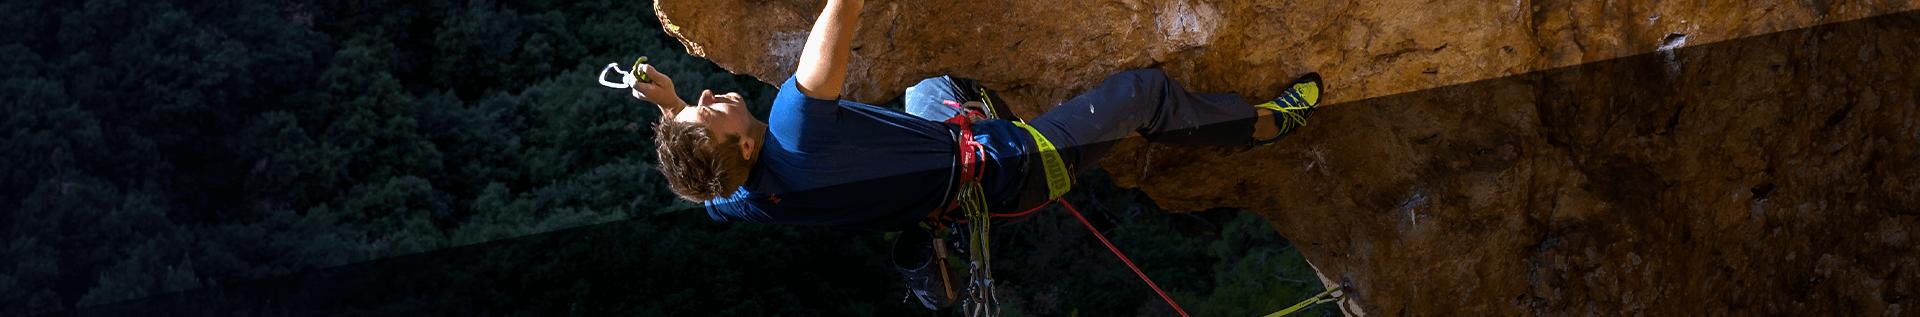 Окуляри для альпінізму